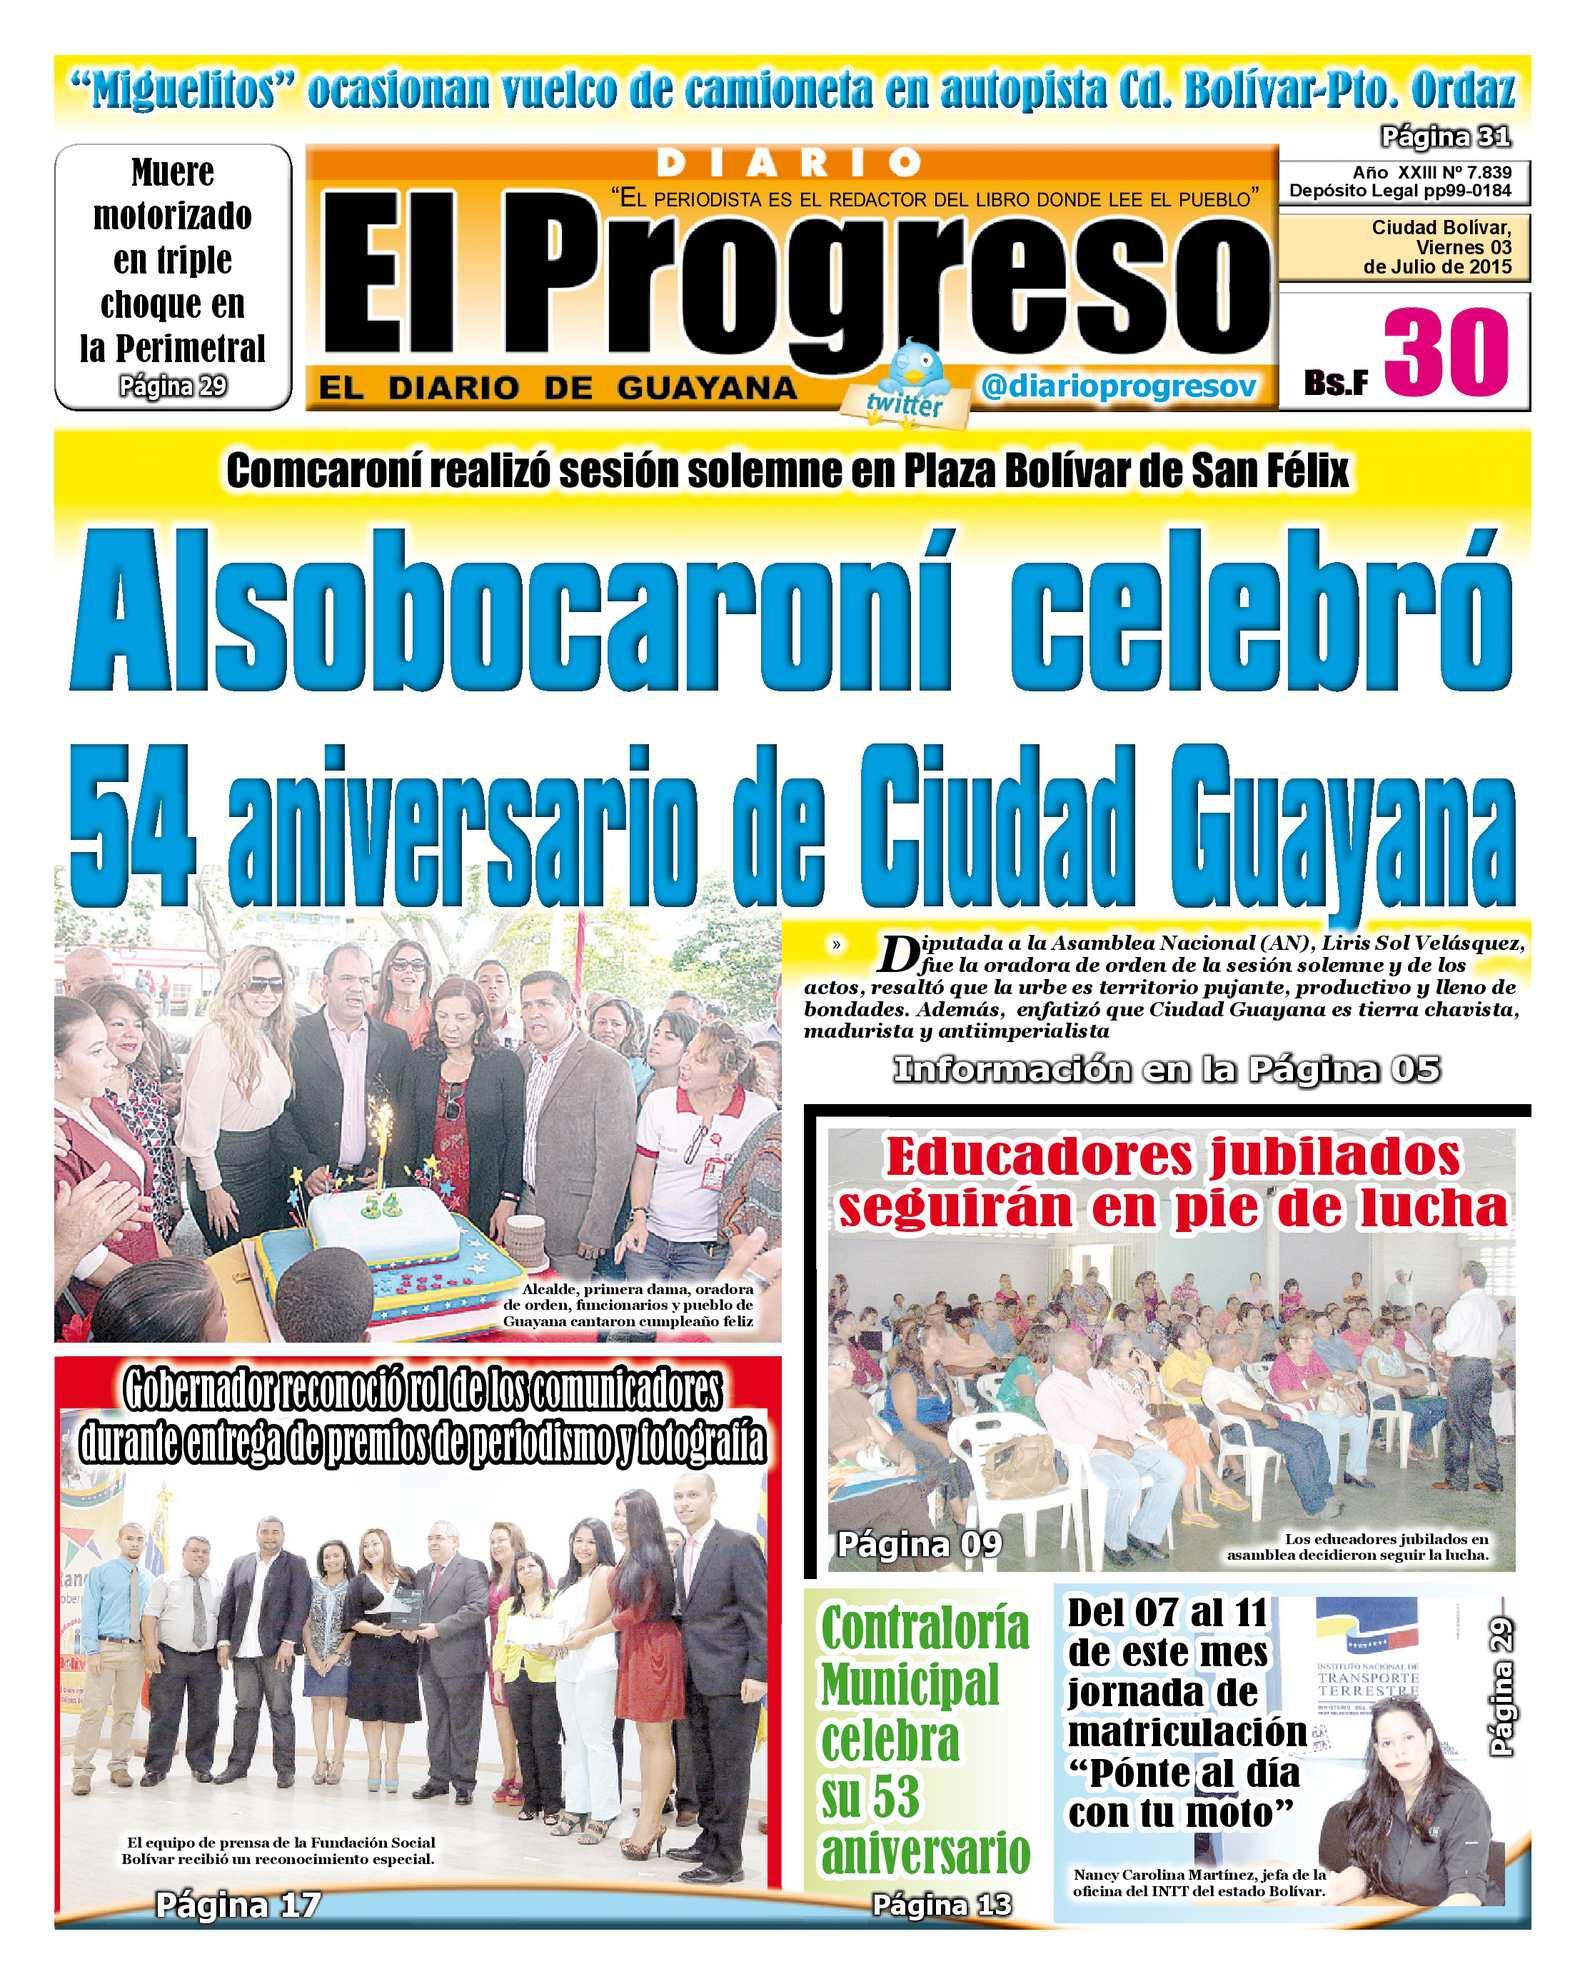 Calaméo - DiarioelprogresoEDICIÓNDIGITAL 03-07-2015